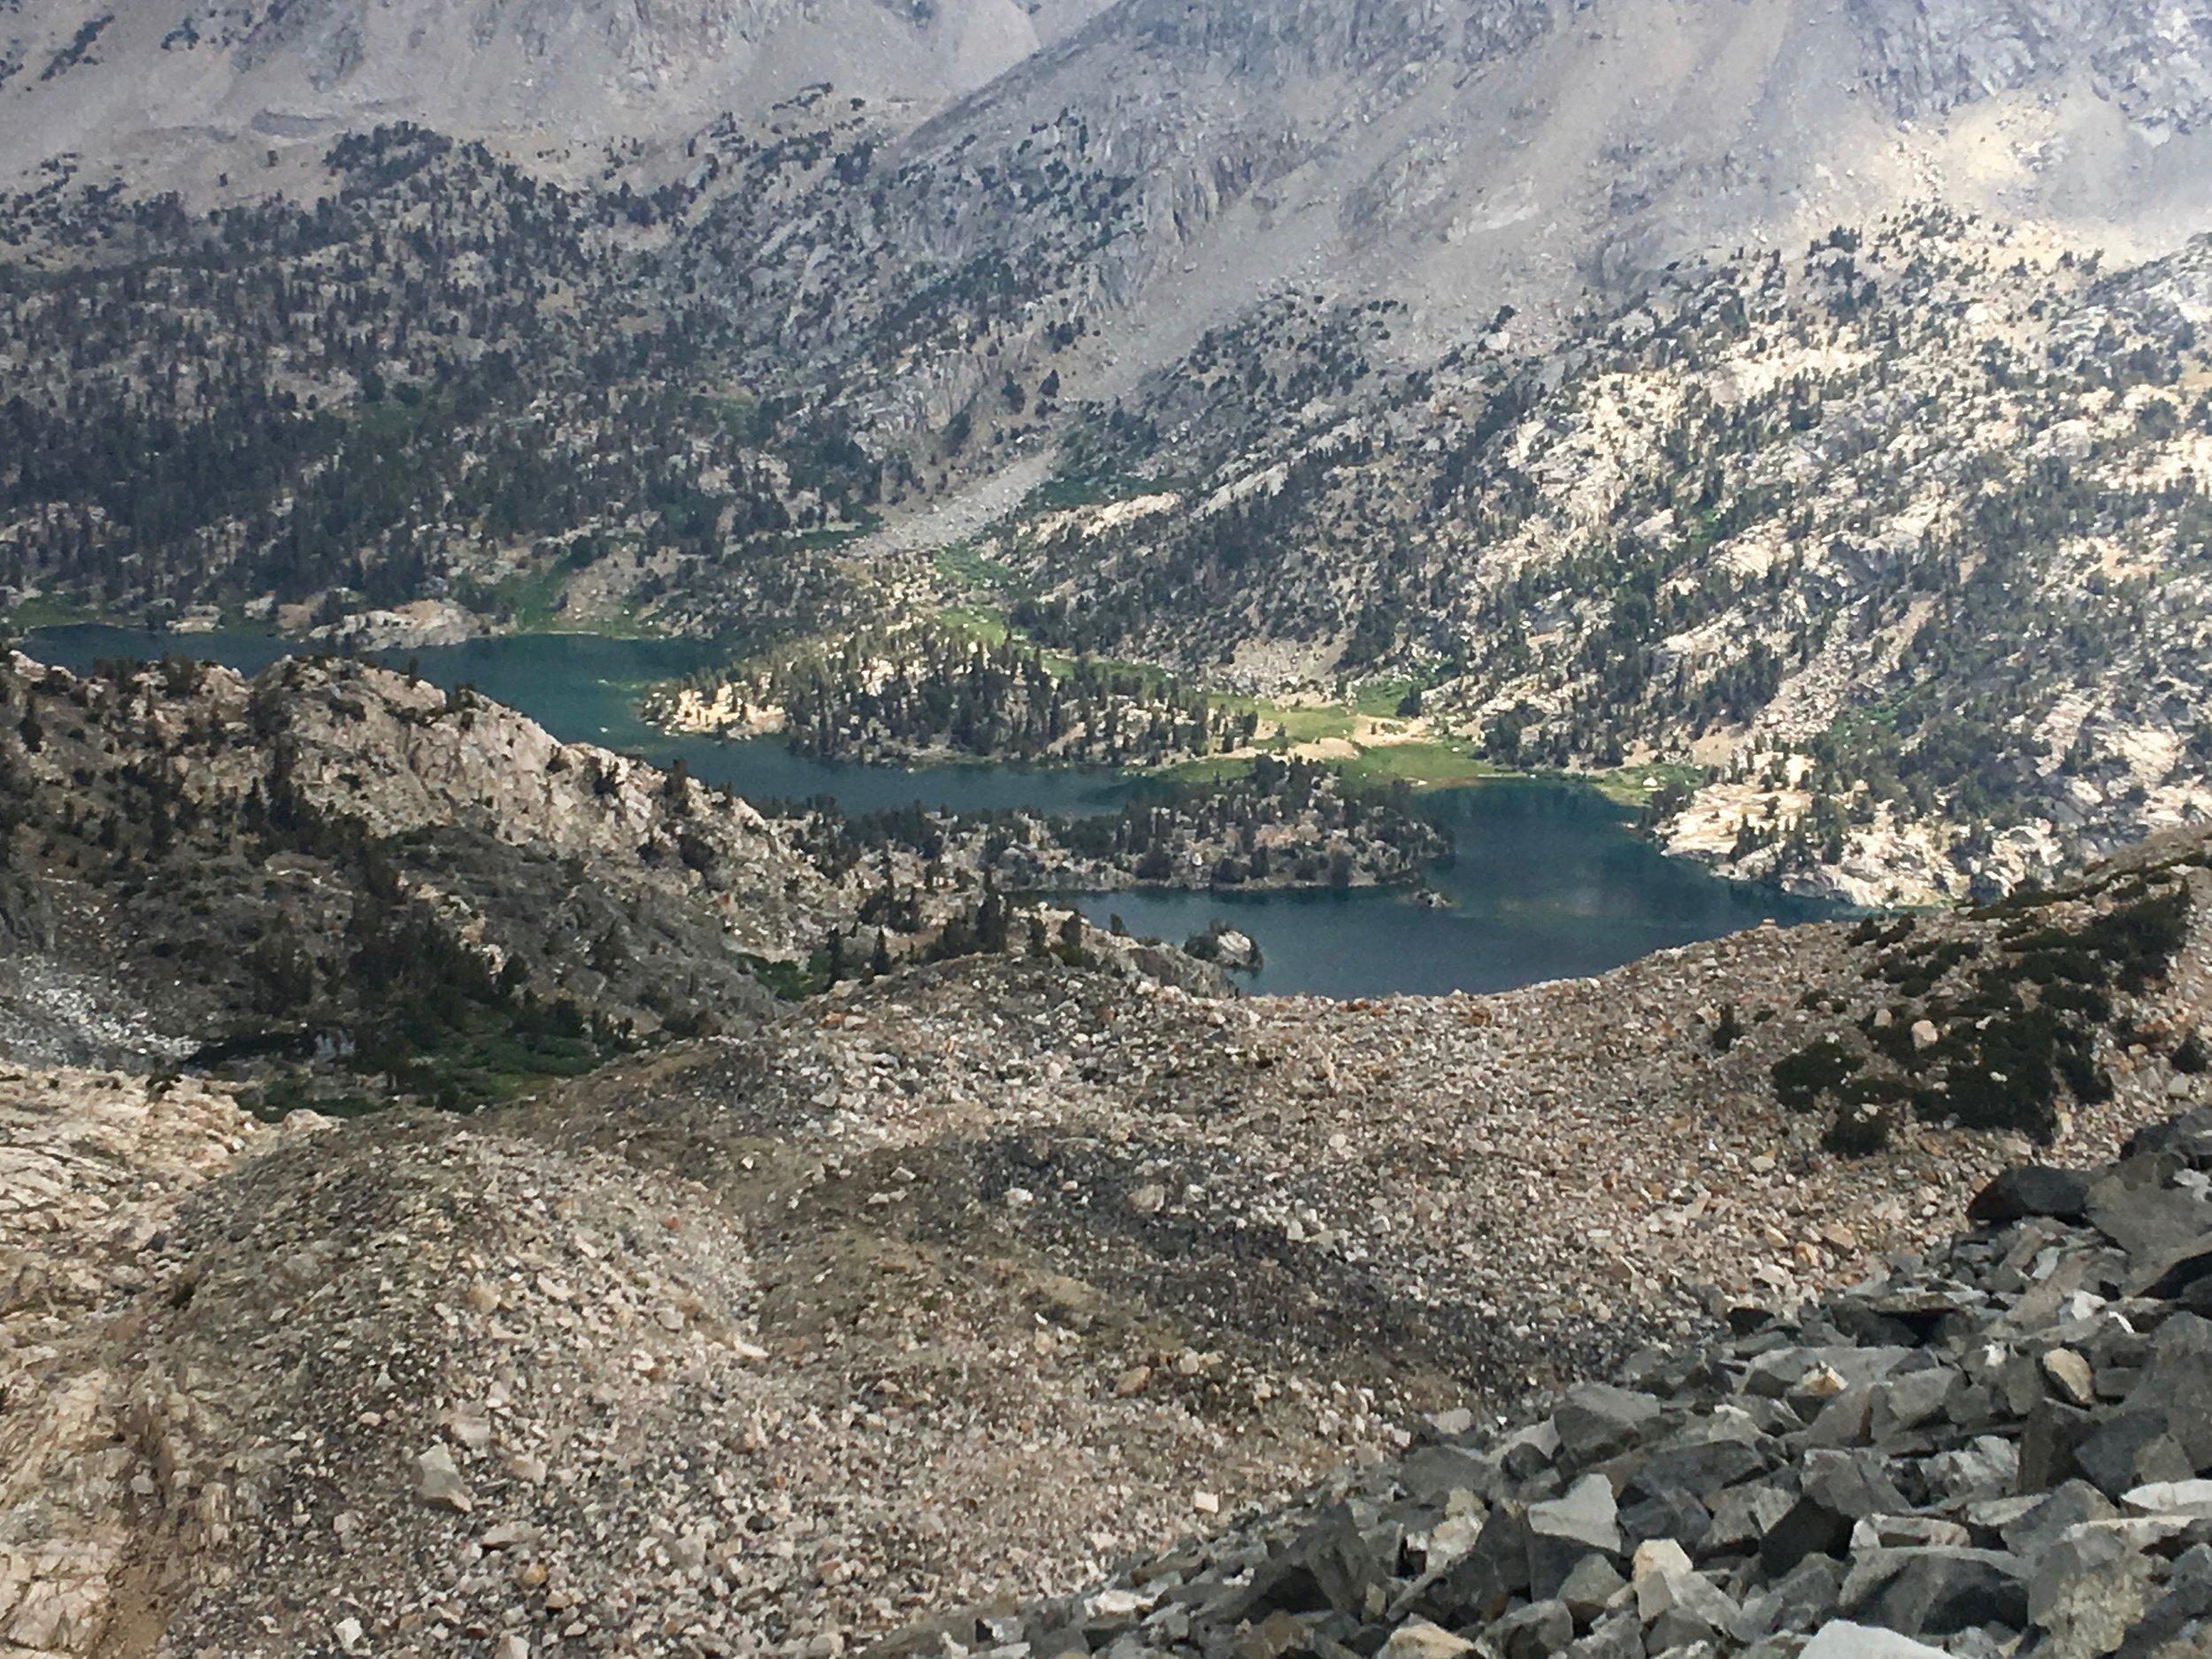 Rae Lakes are far below us.